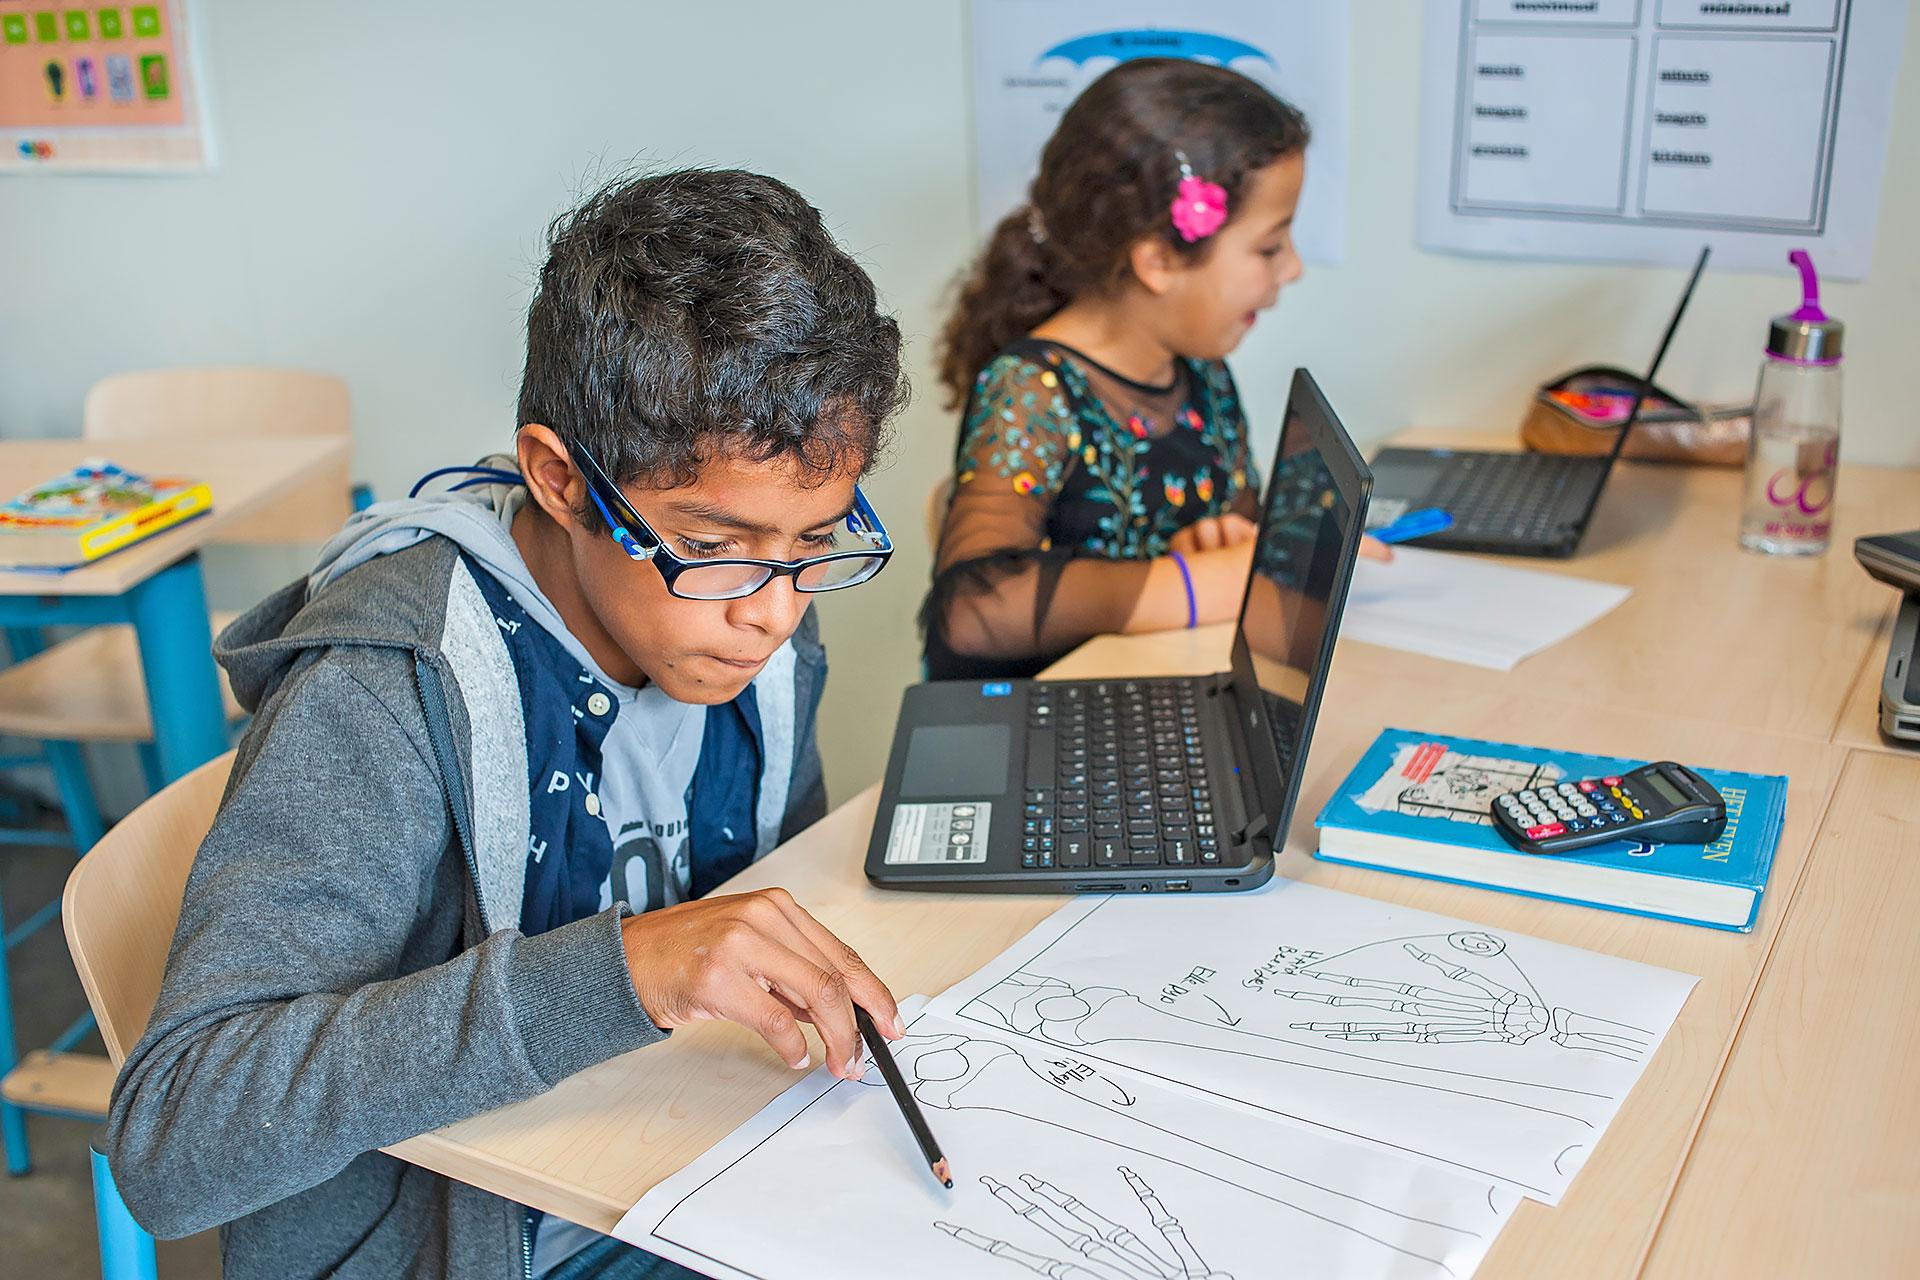 Schüler bestimmt die Handknochen mit Hilfe des Computers